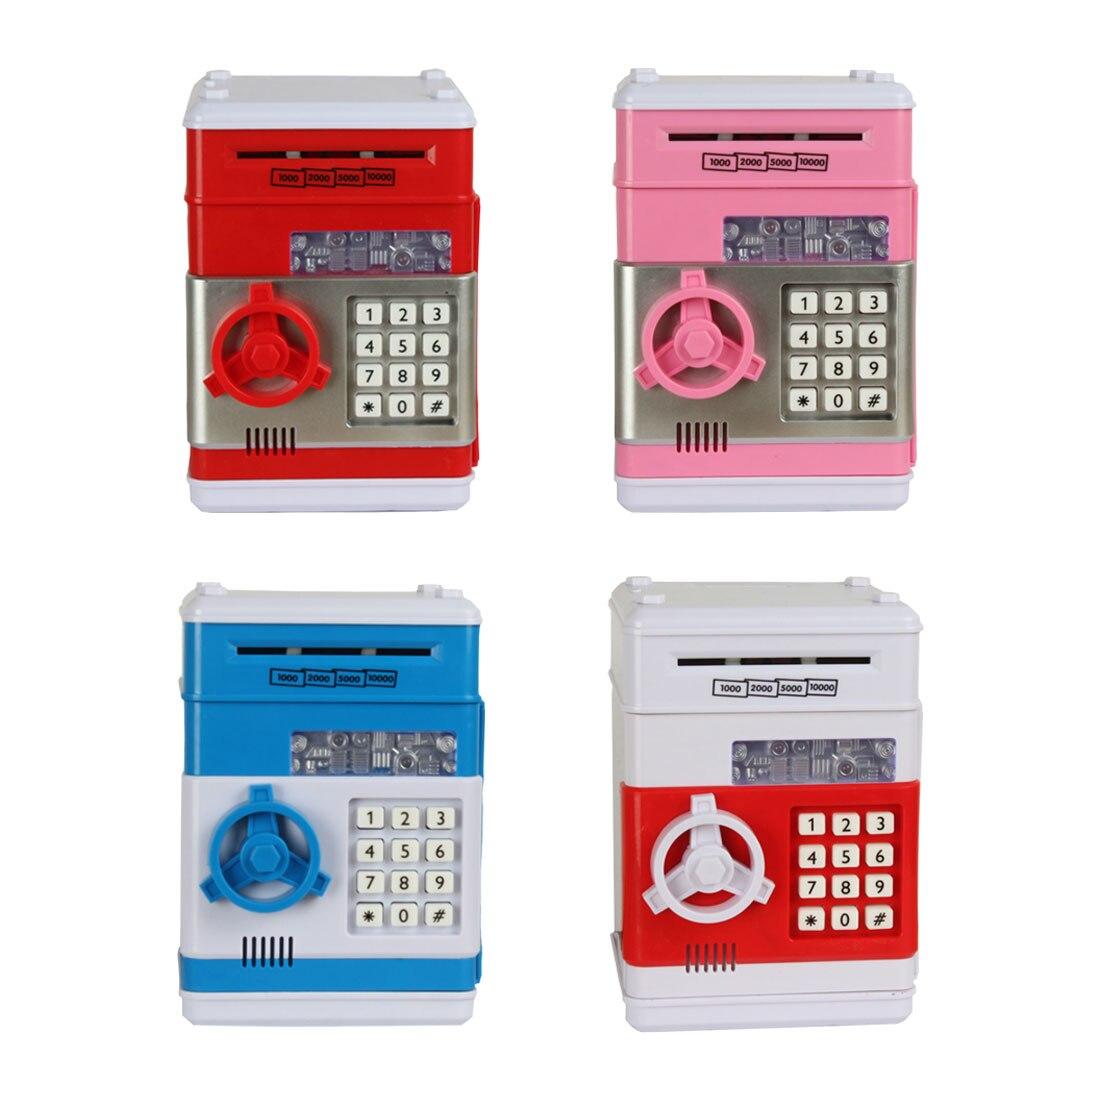 Dépôt automatique billet de banque cadeau pour enfants ATM mot de passe tirelire électronique tirelire pièces de monnaie économisant